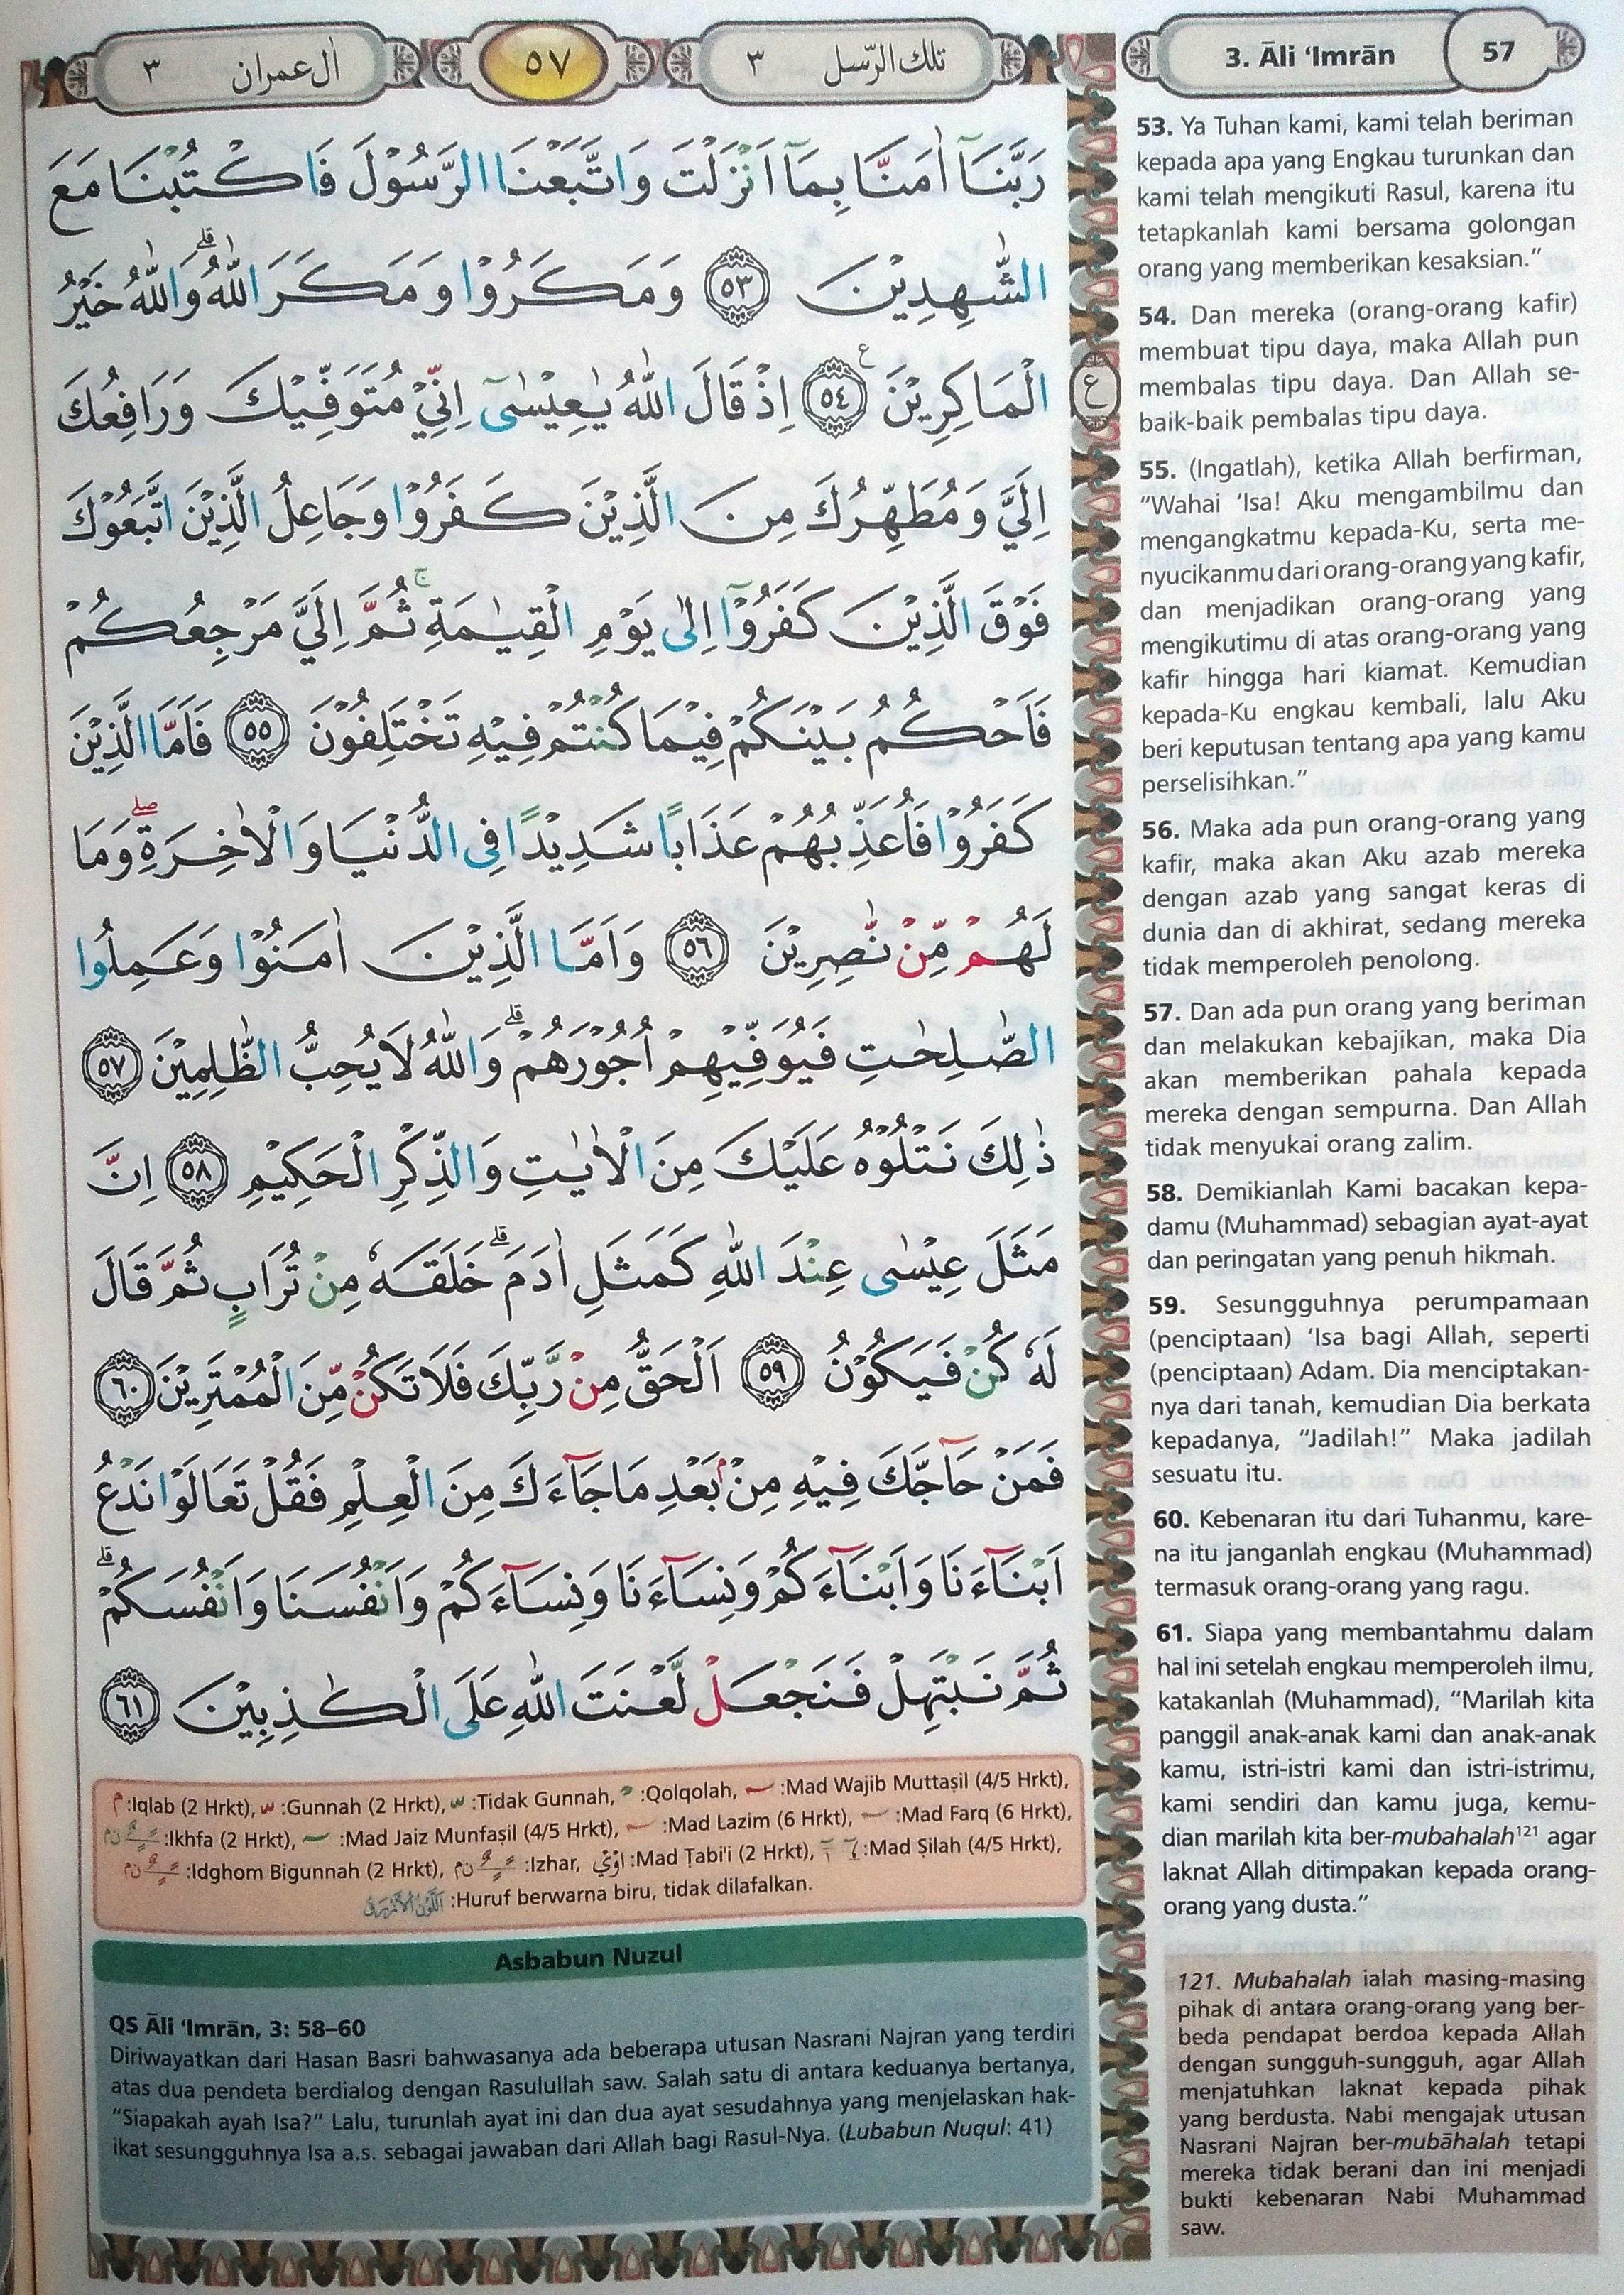 Ali Imran 53-61